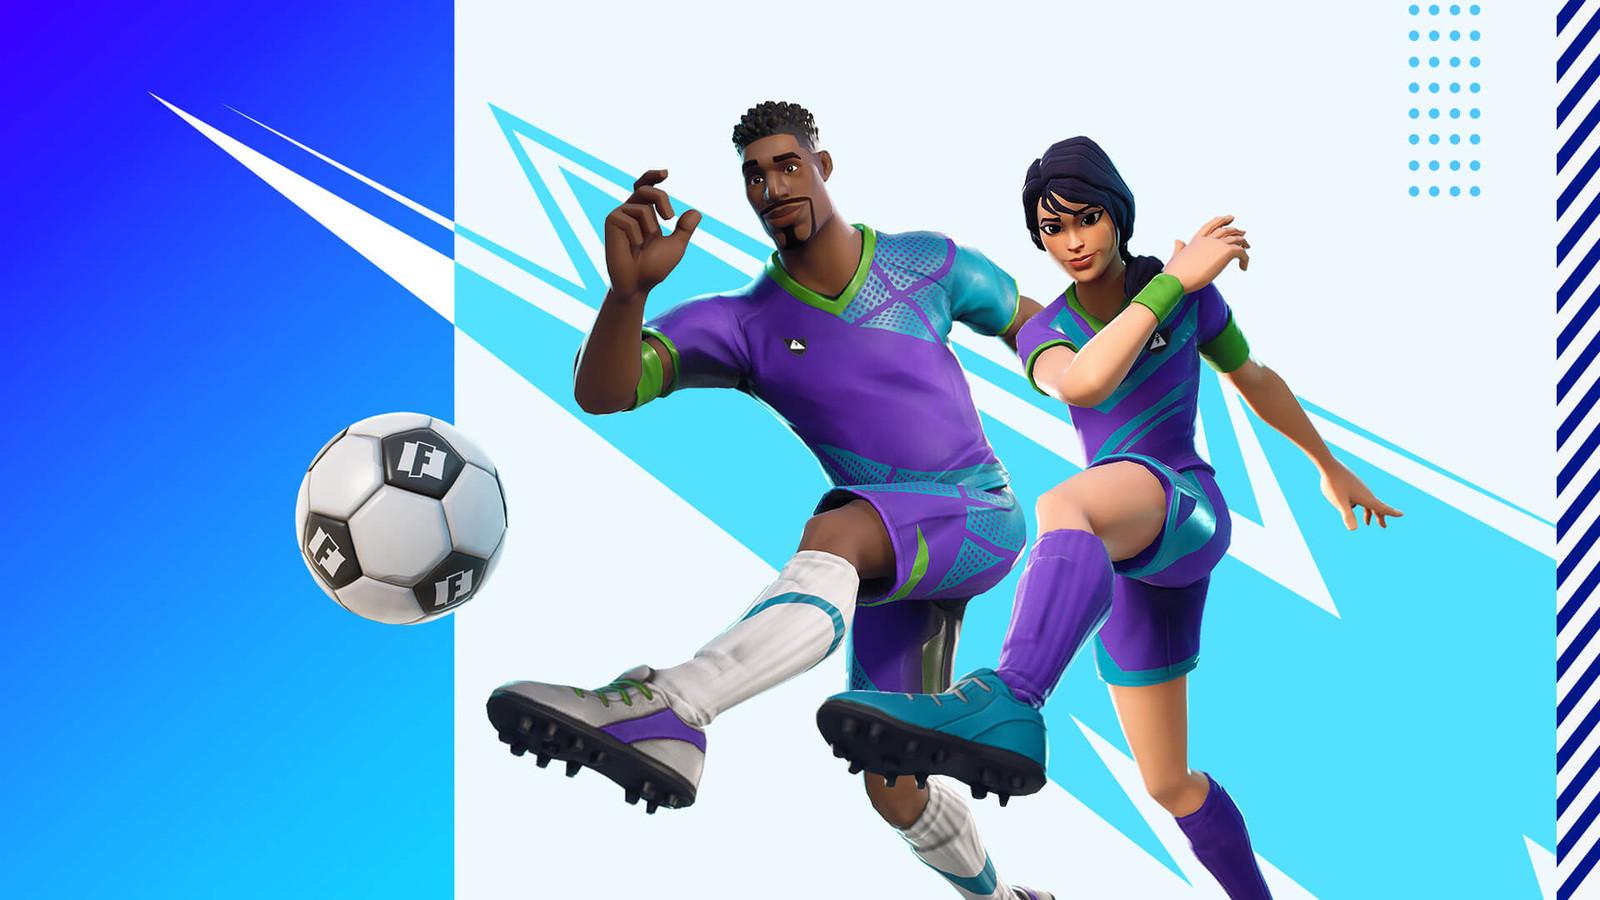 Ontwikkelaar Epic Games organiseert twee Fortnite-toernooien met een EK voetbal-thema, waarbij spelers als een van hun favoriete voetballers kunnen gamen.